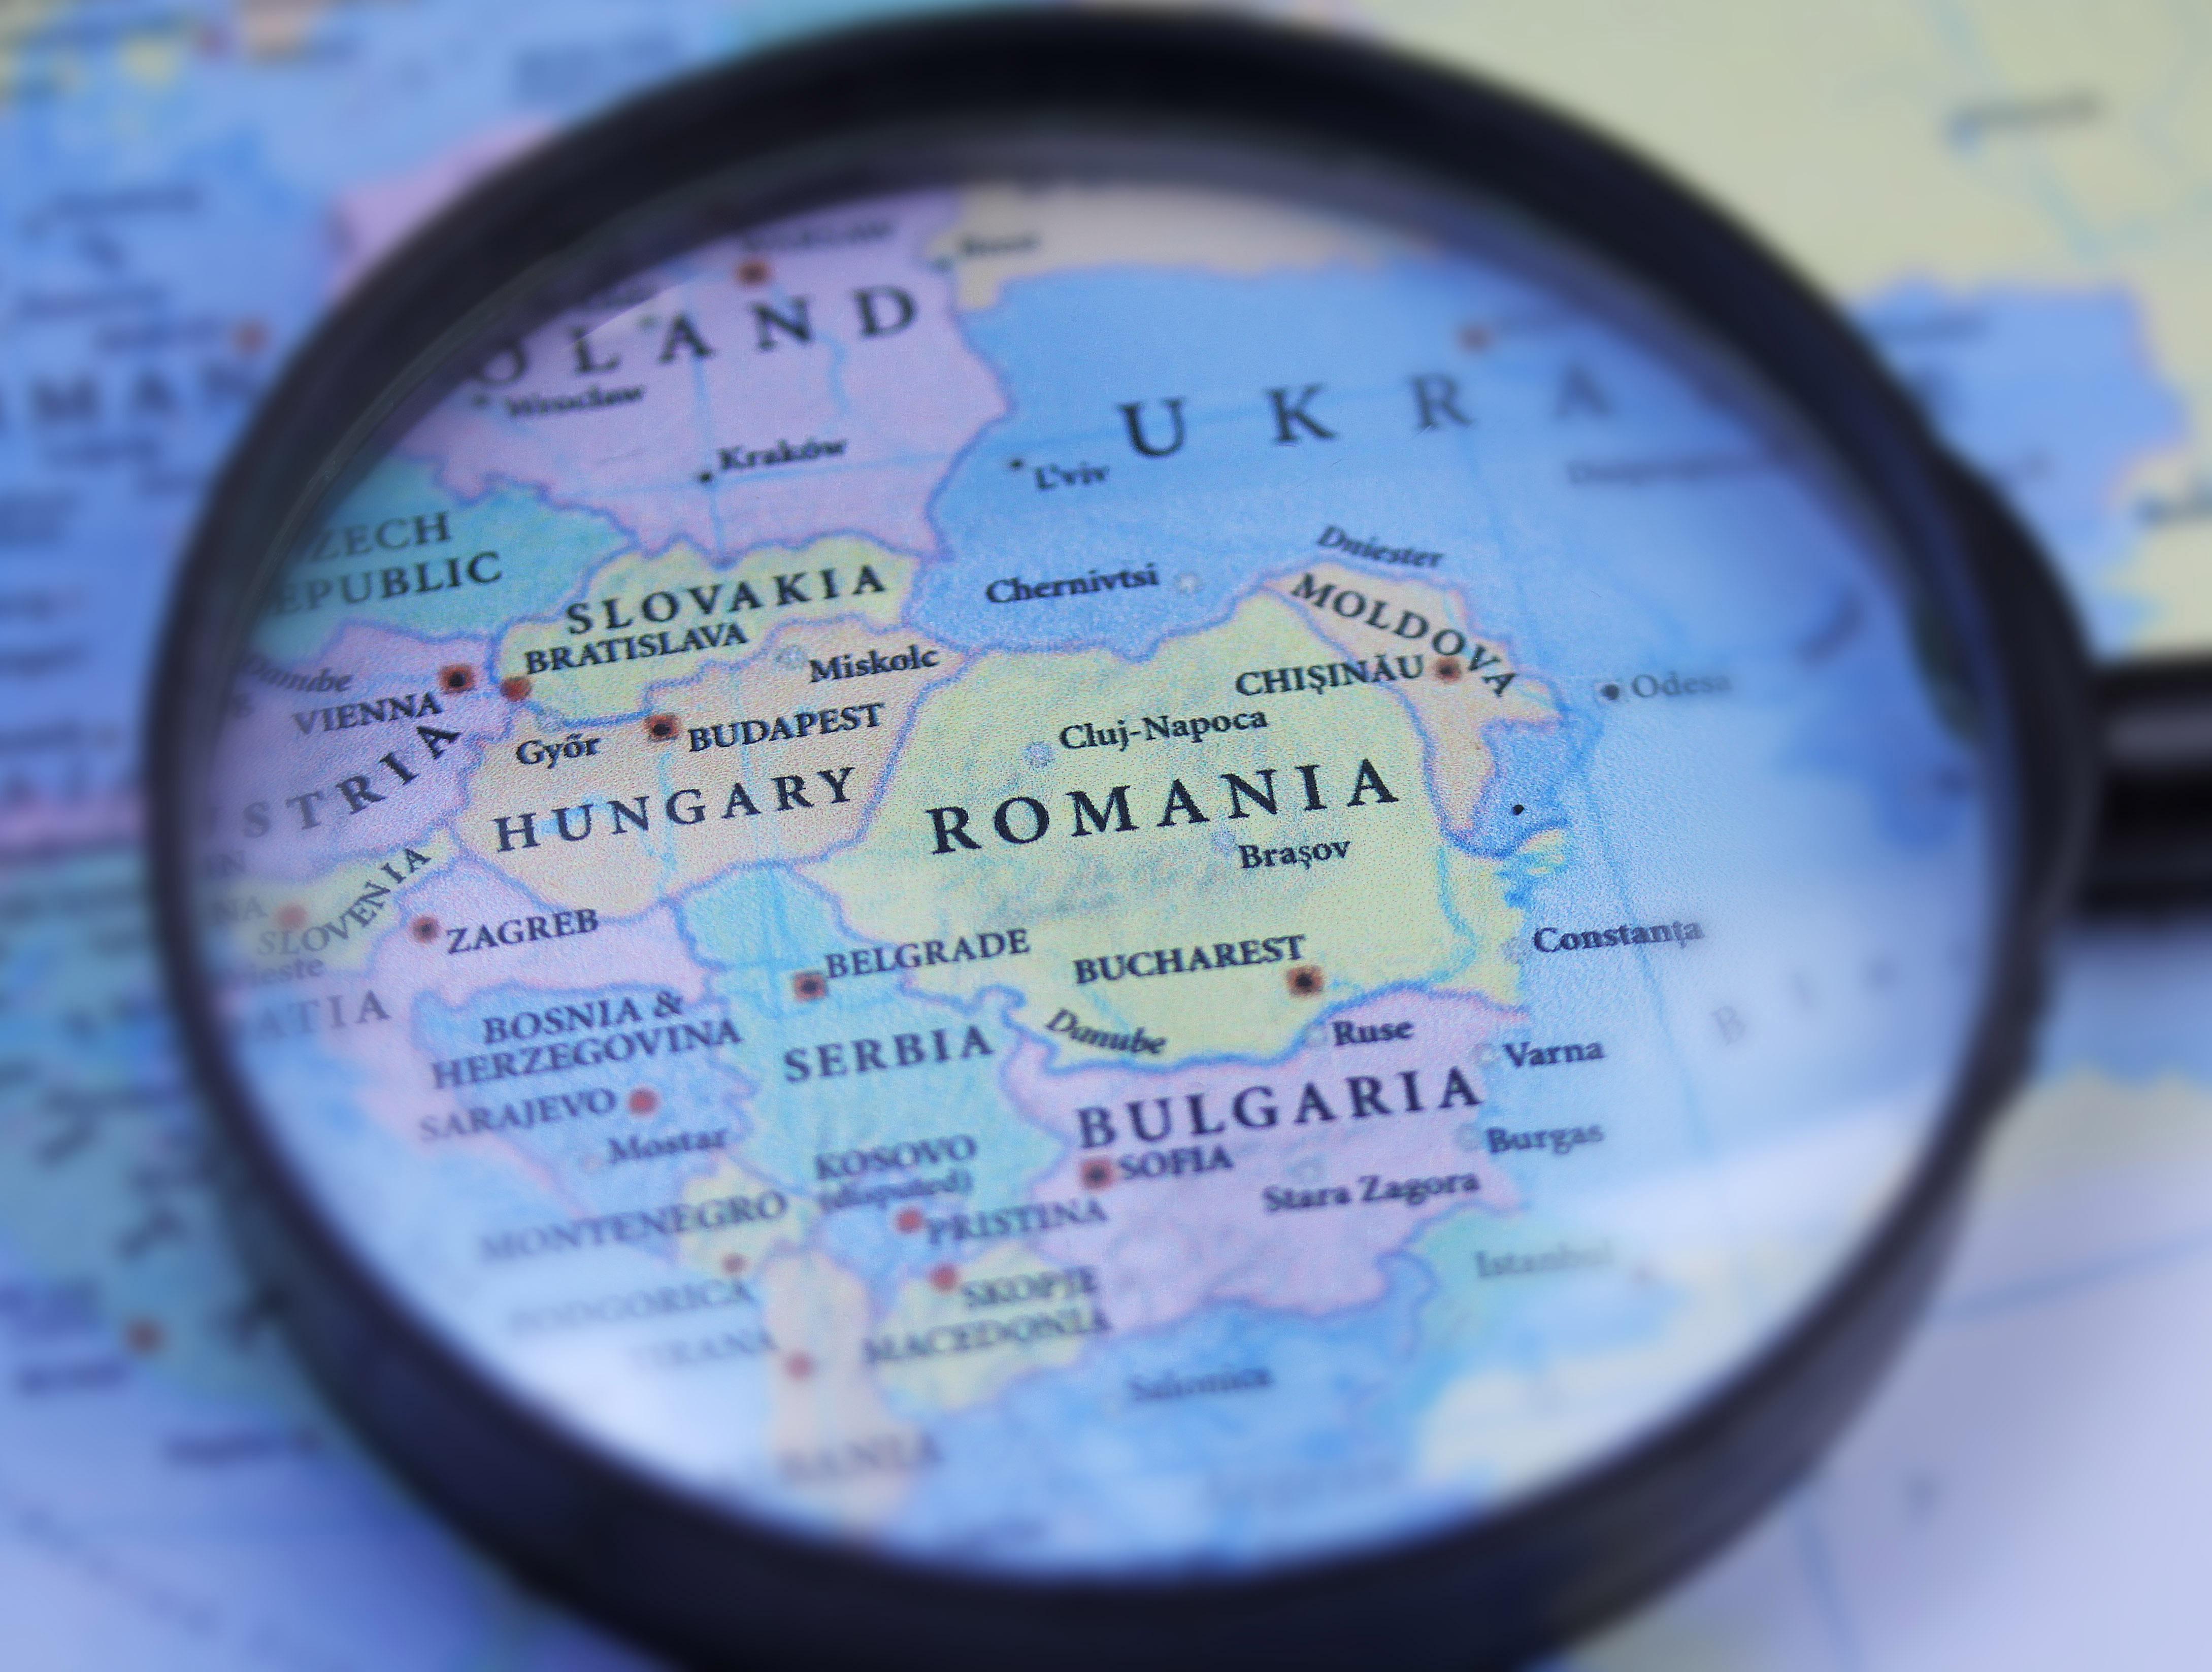 Карта Румынии, куда иностранцы могут переехать благодаря репатриации